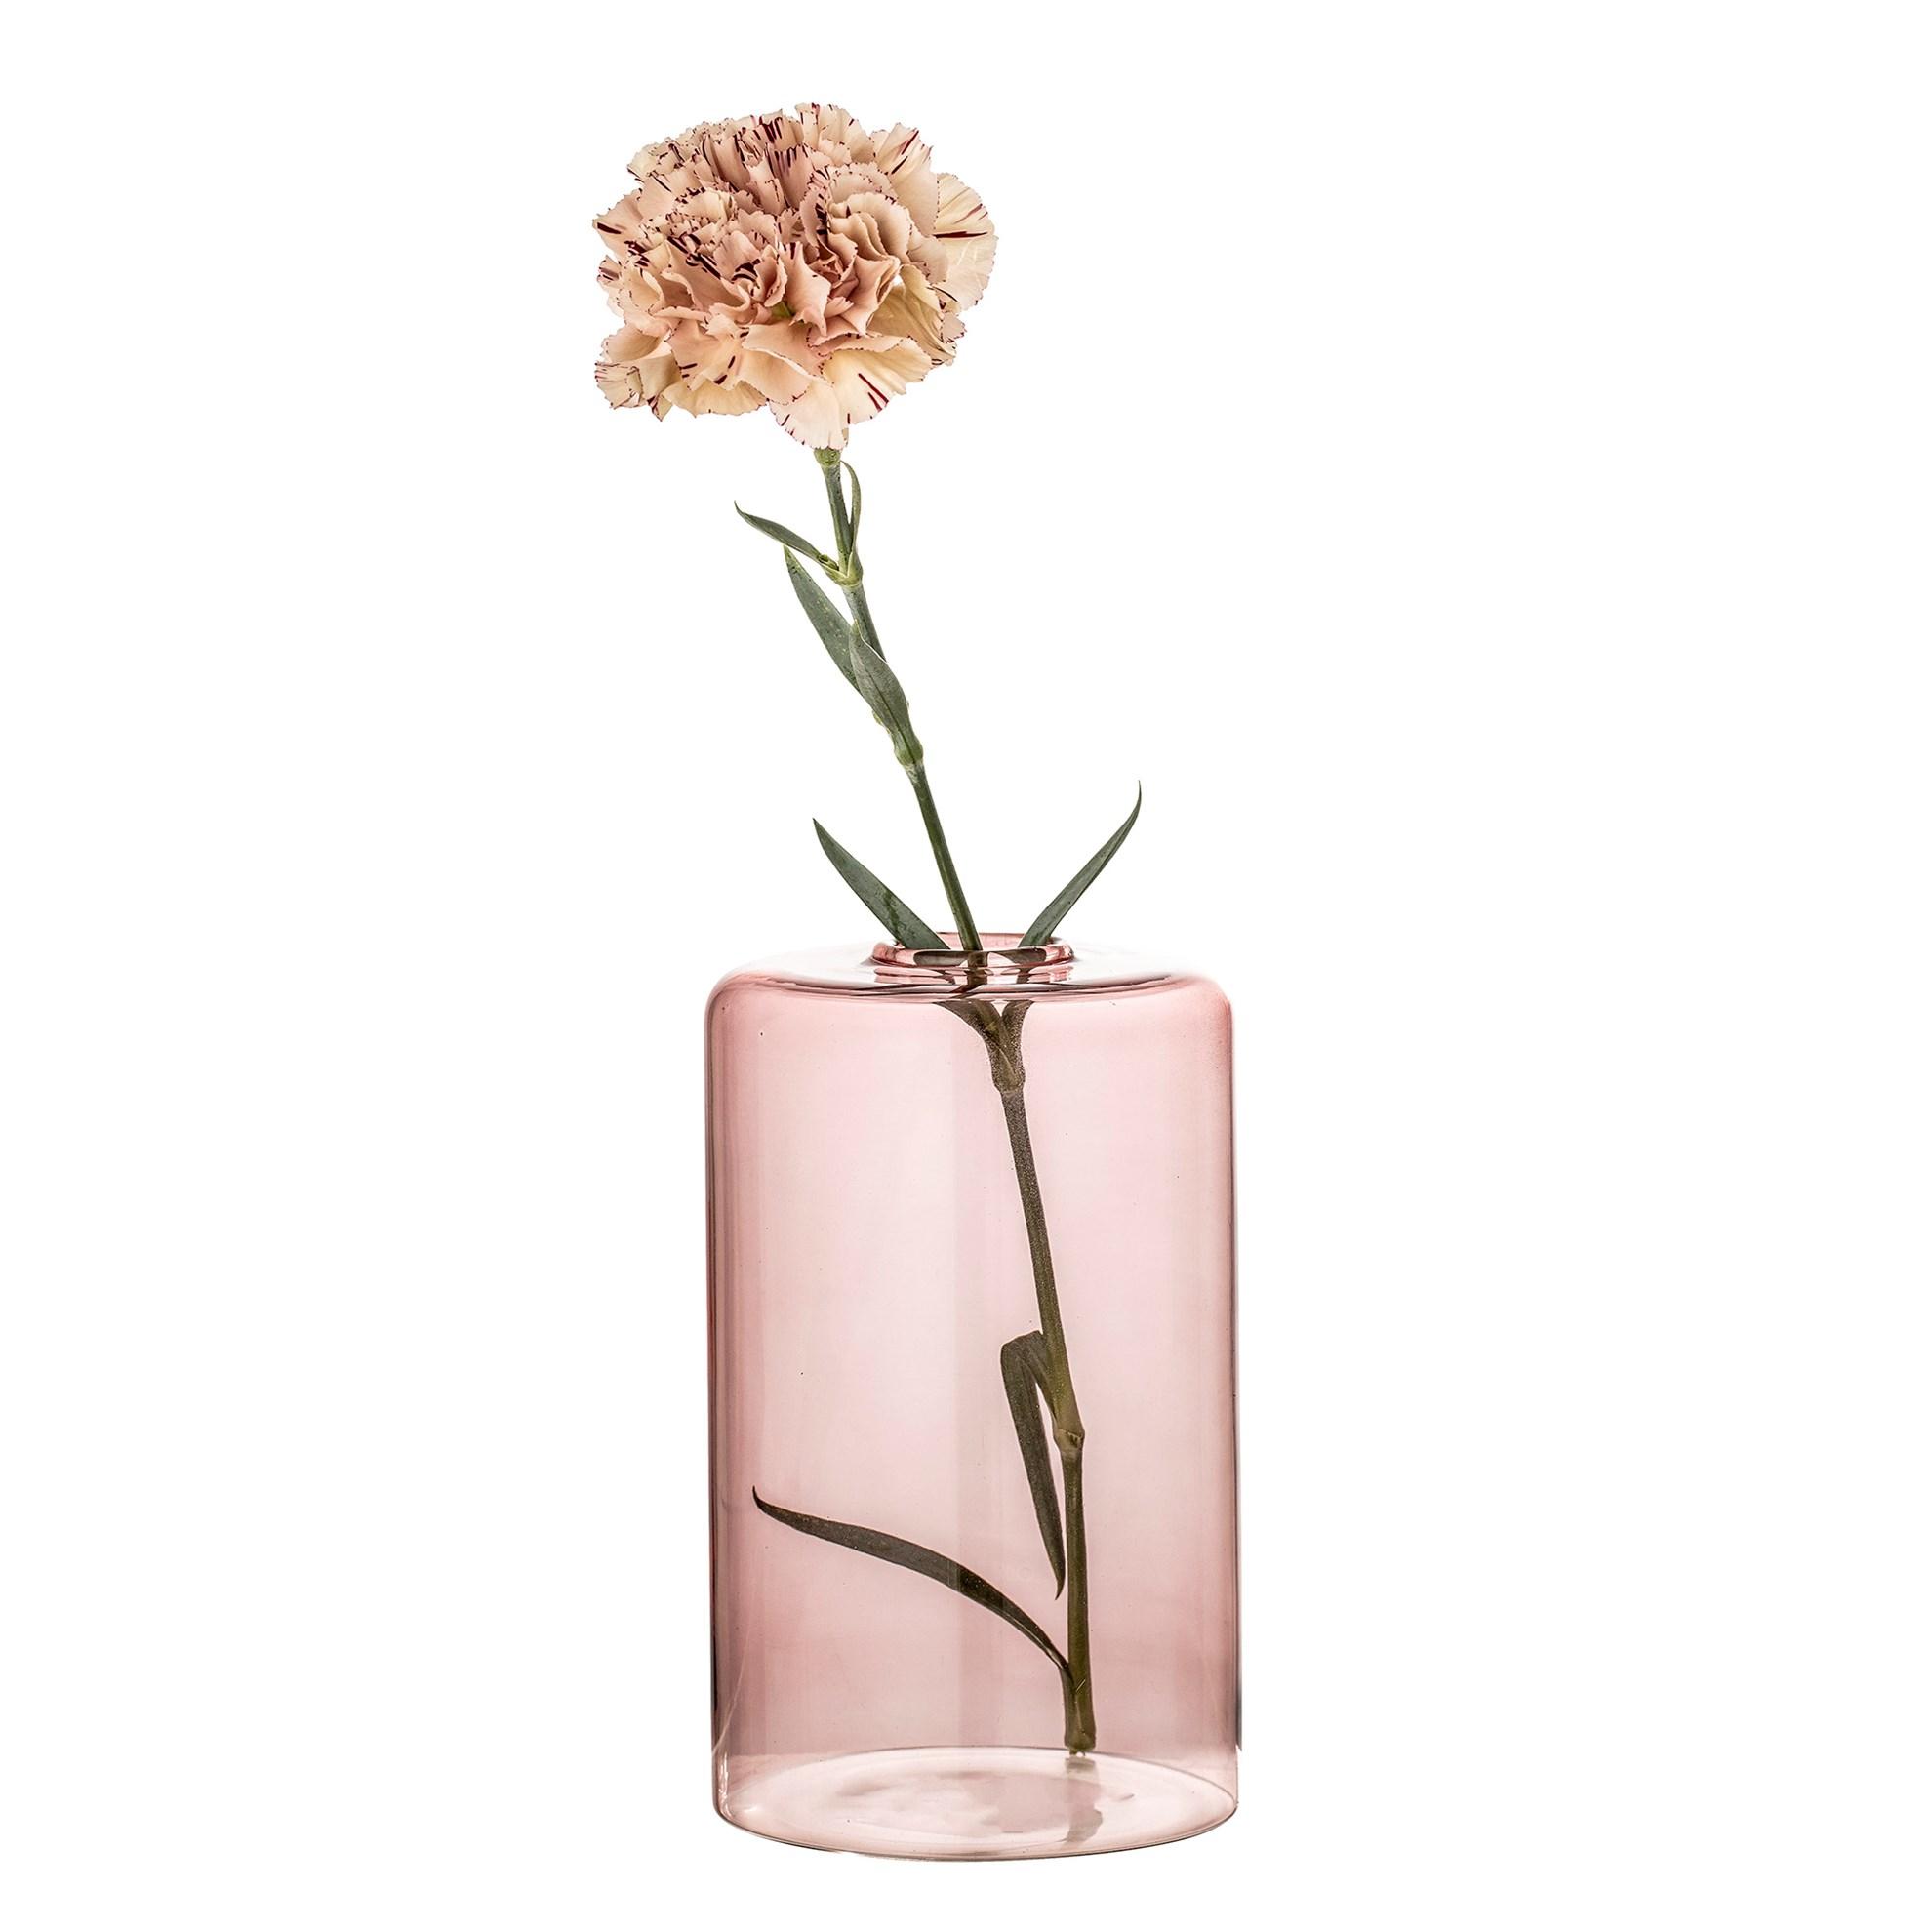 Skleněná váza 16 cm 2druhy růžová / kouř_1